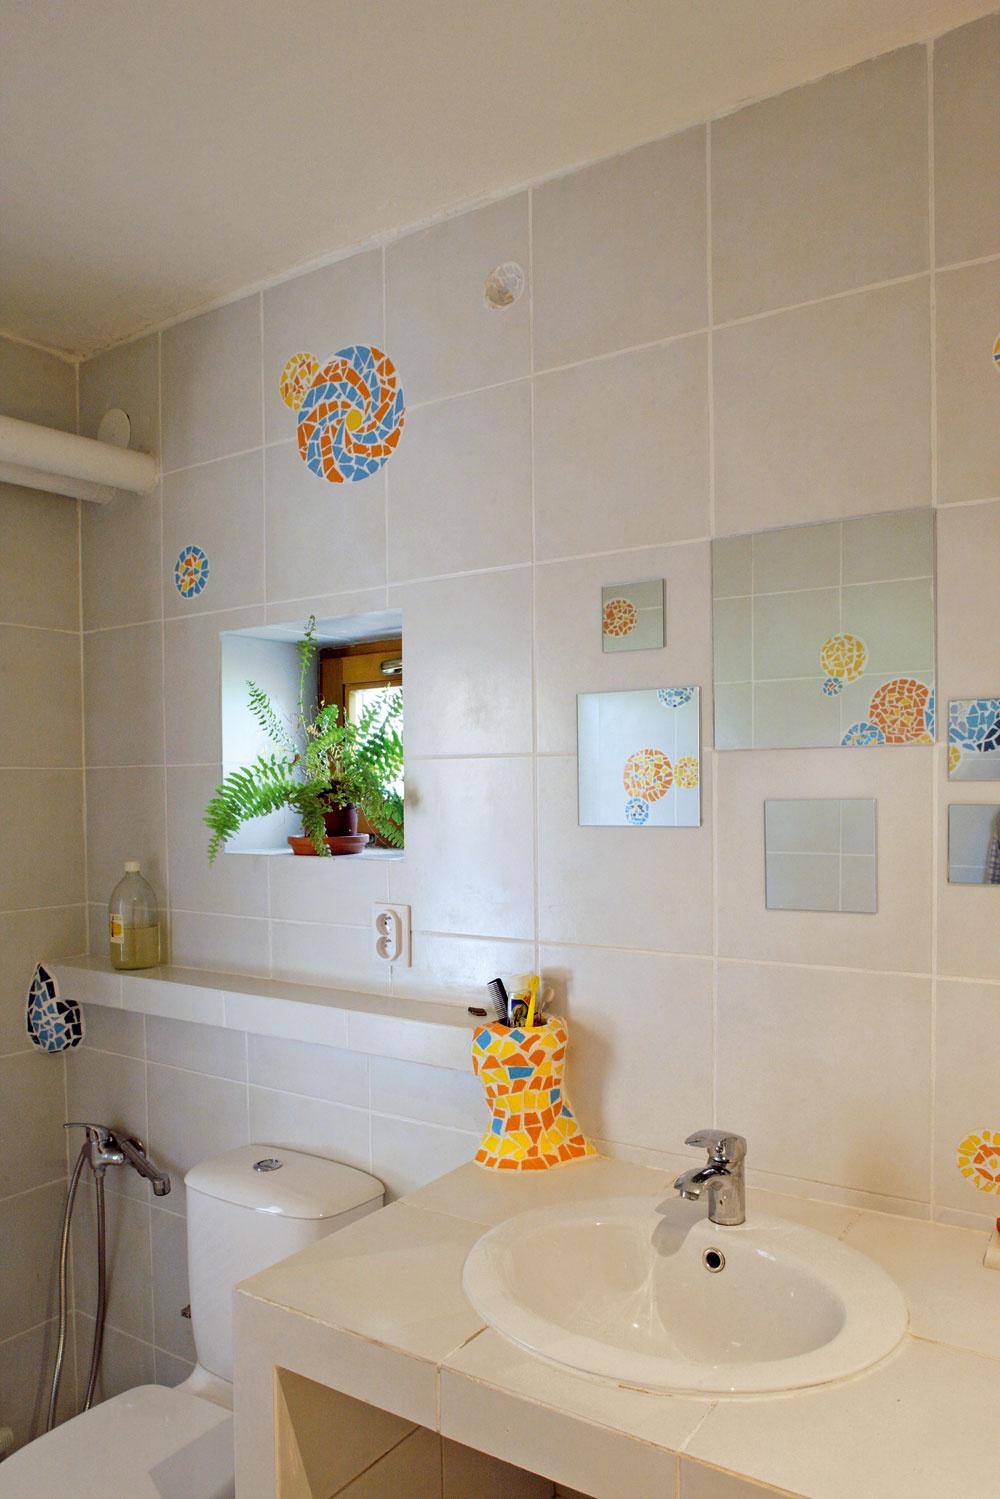 Všadeprítomné dekorácie sú vlastné autorovmu vnímaniu.